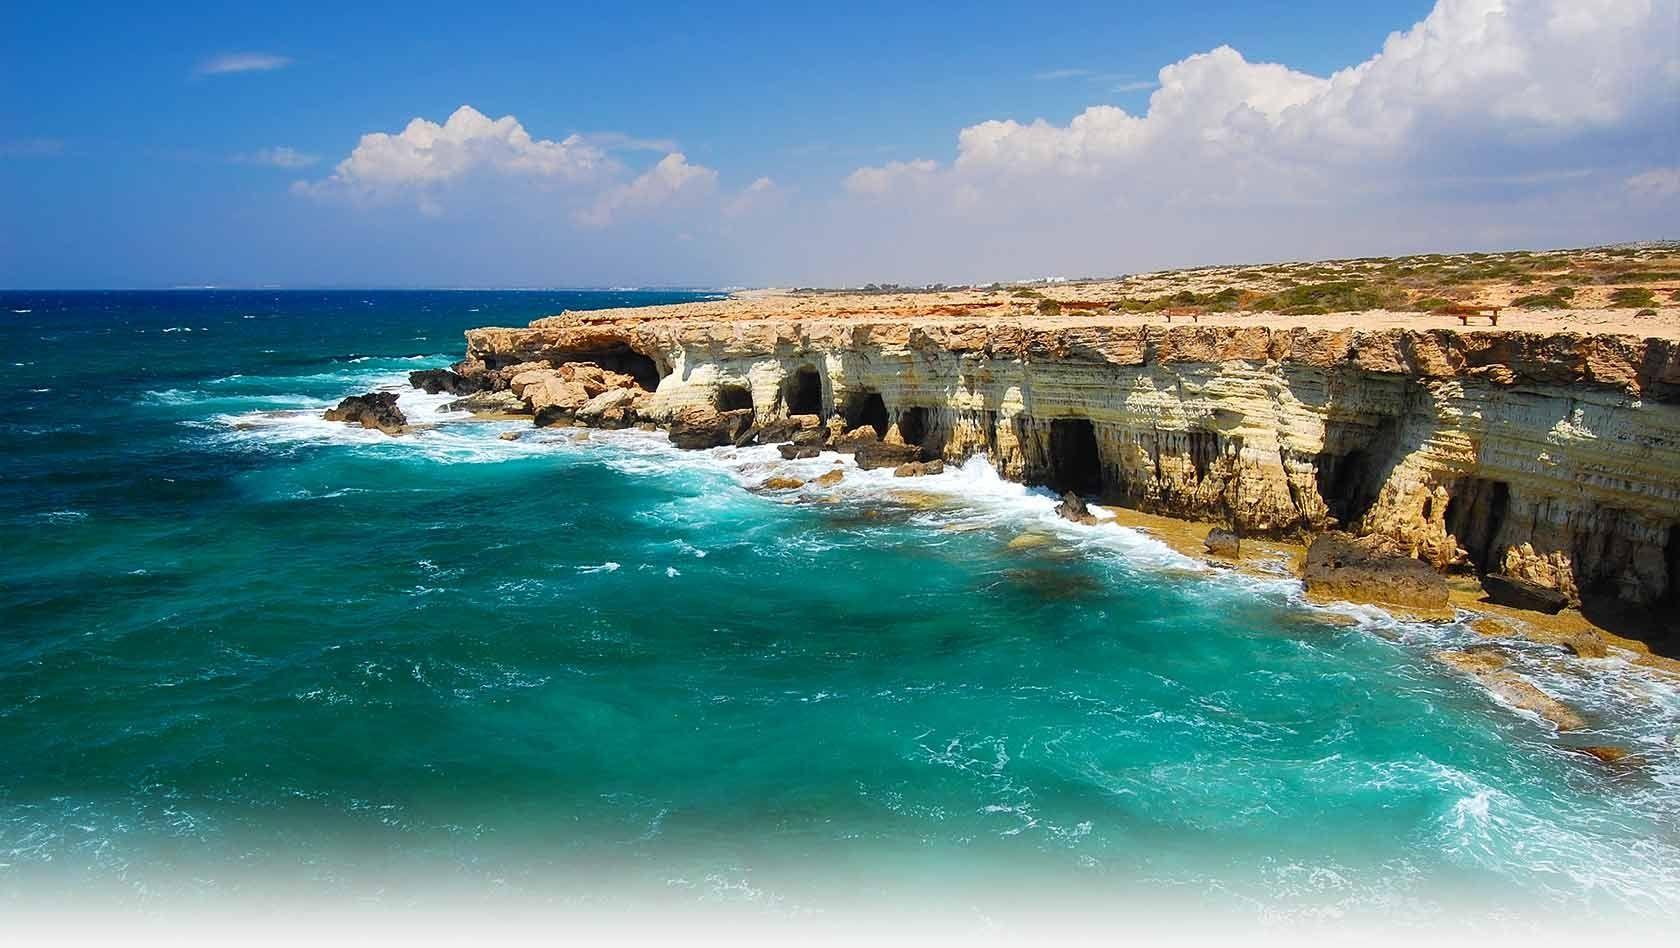 Угрозы сбоя в системе энероснабжения Кипра нет